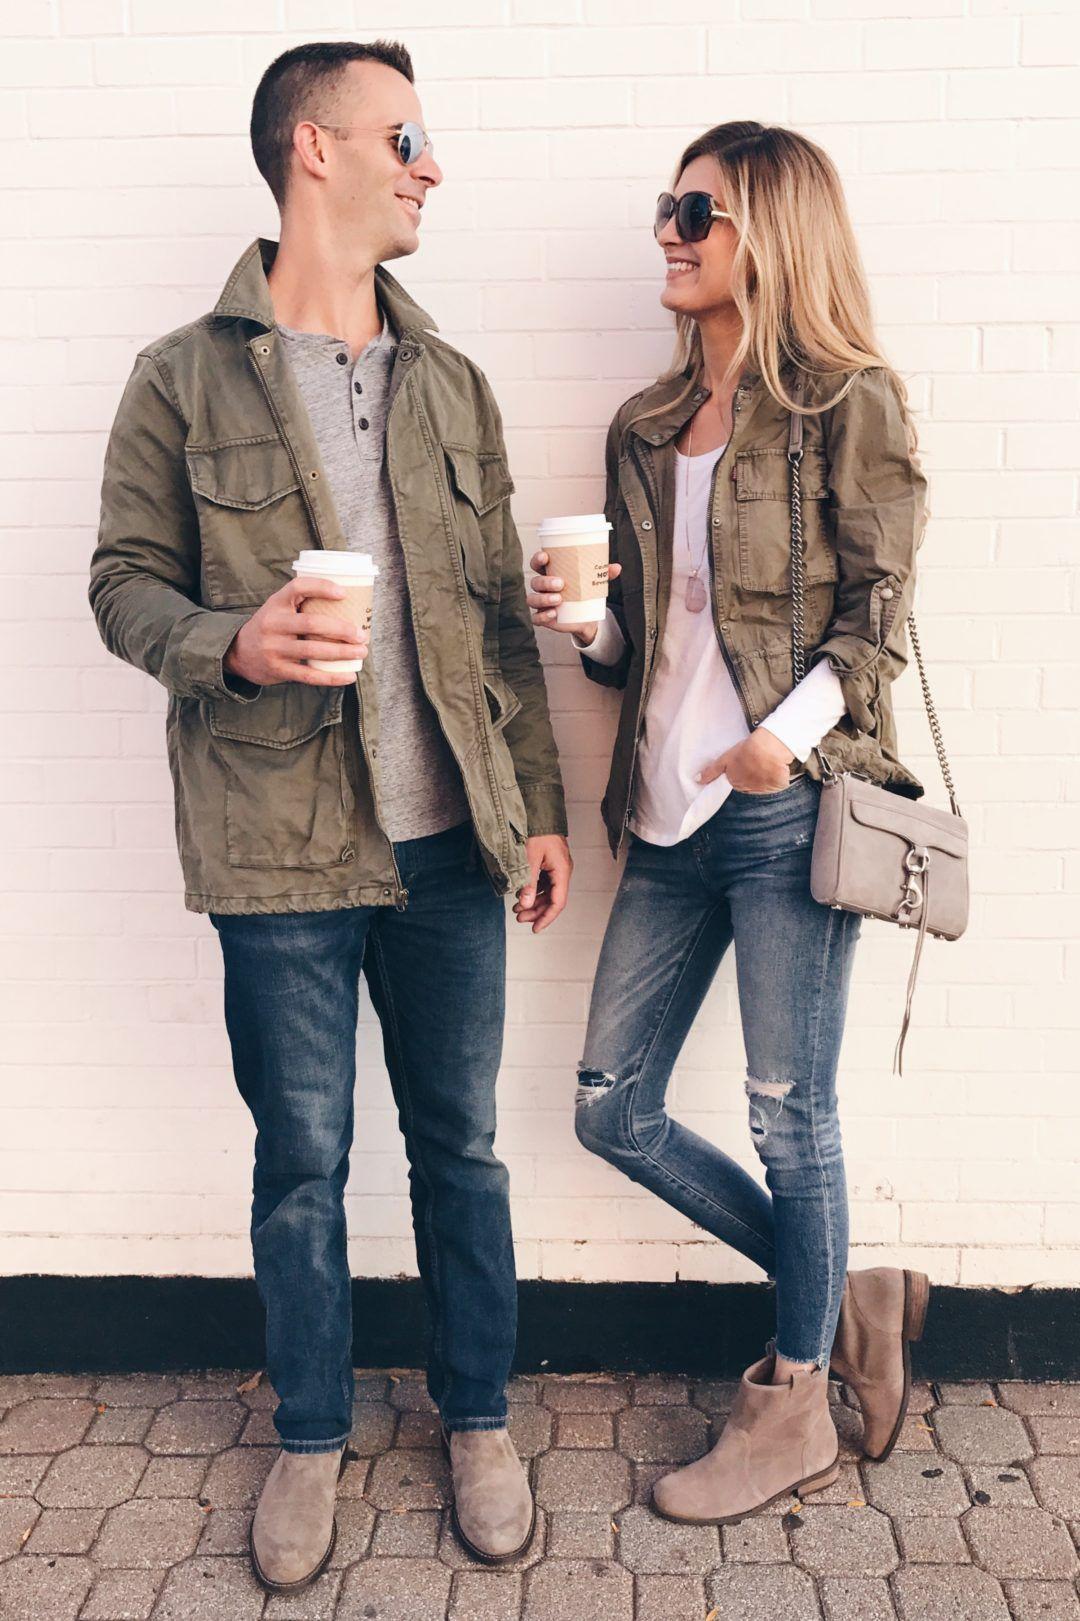 Gran venta 2018 Nuevo en línea Zapatos grises estilo militar H.I.S. para mujer 100% autentico WholeVenta en línea Imágenes en línea NOvRa